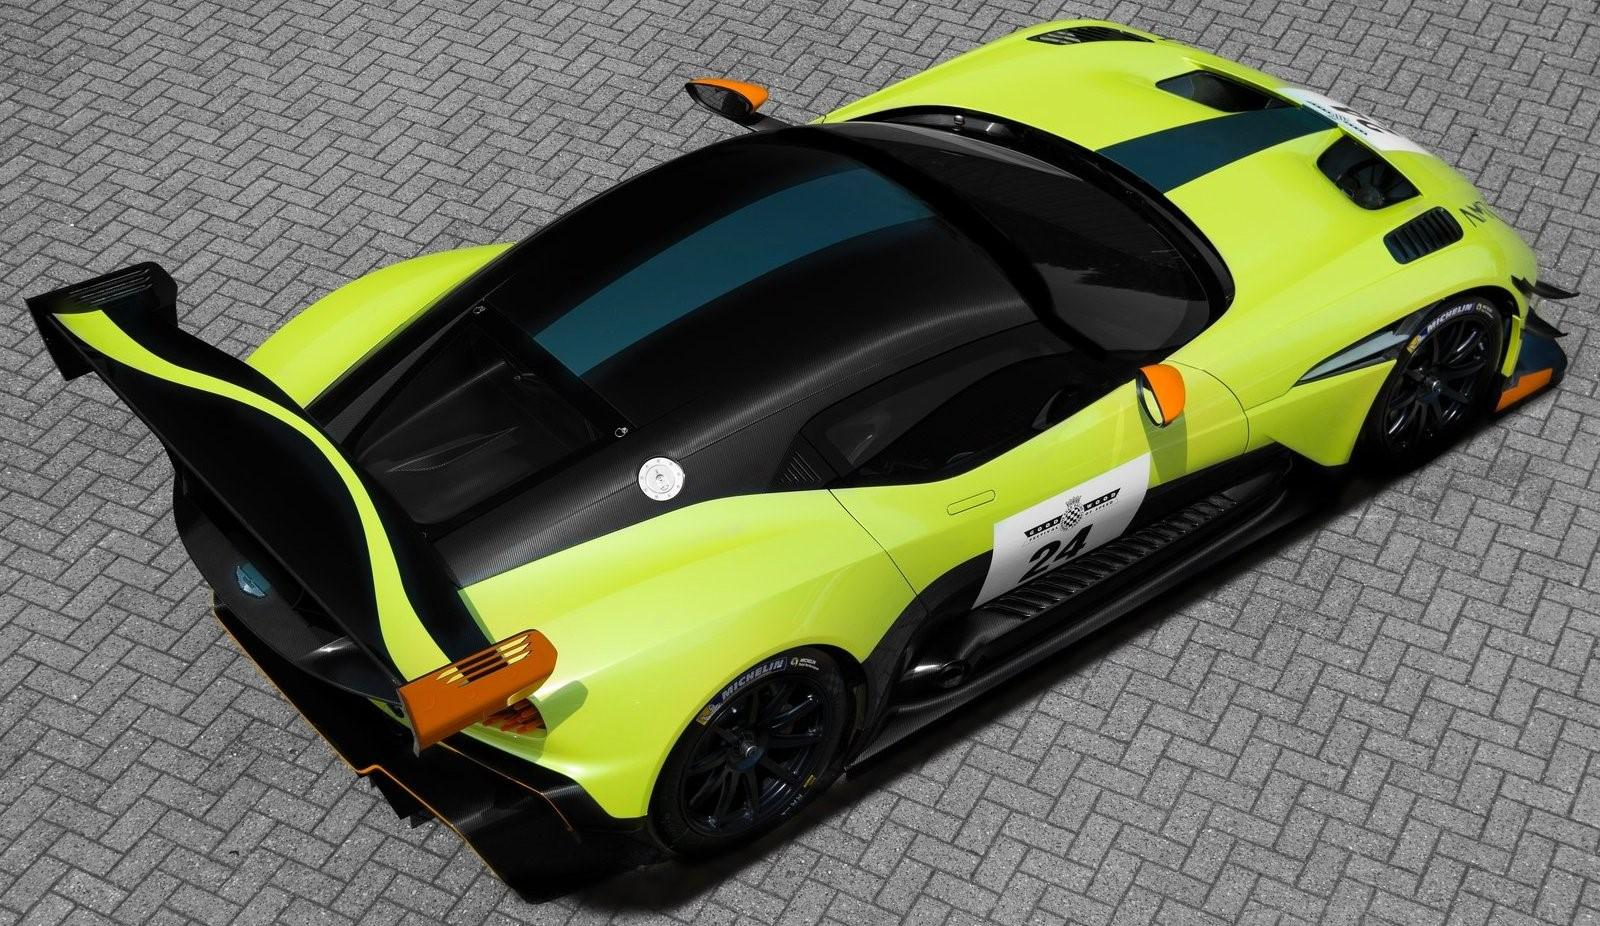 la-voiture-de-piste-la-plus-extreme-au-monde-aston-martin-vulcan-amr-pro-1308-6.jpg